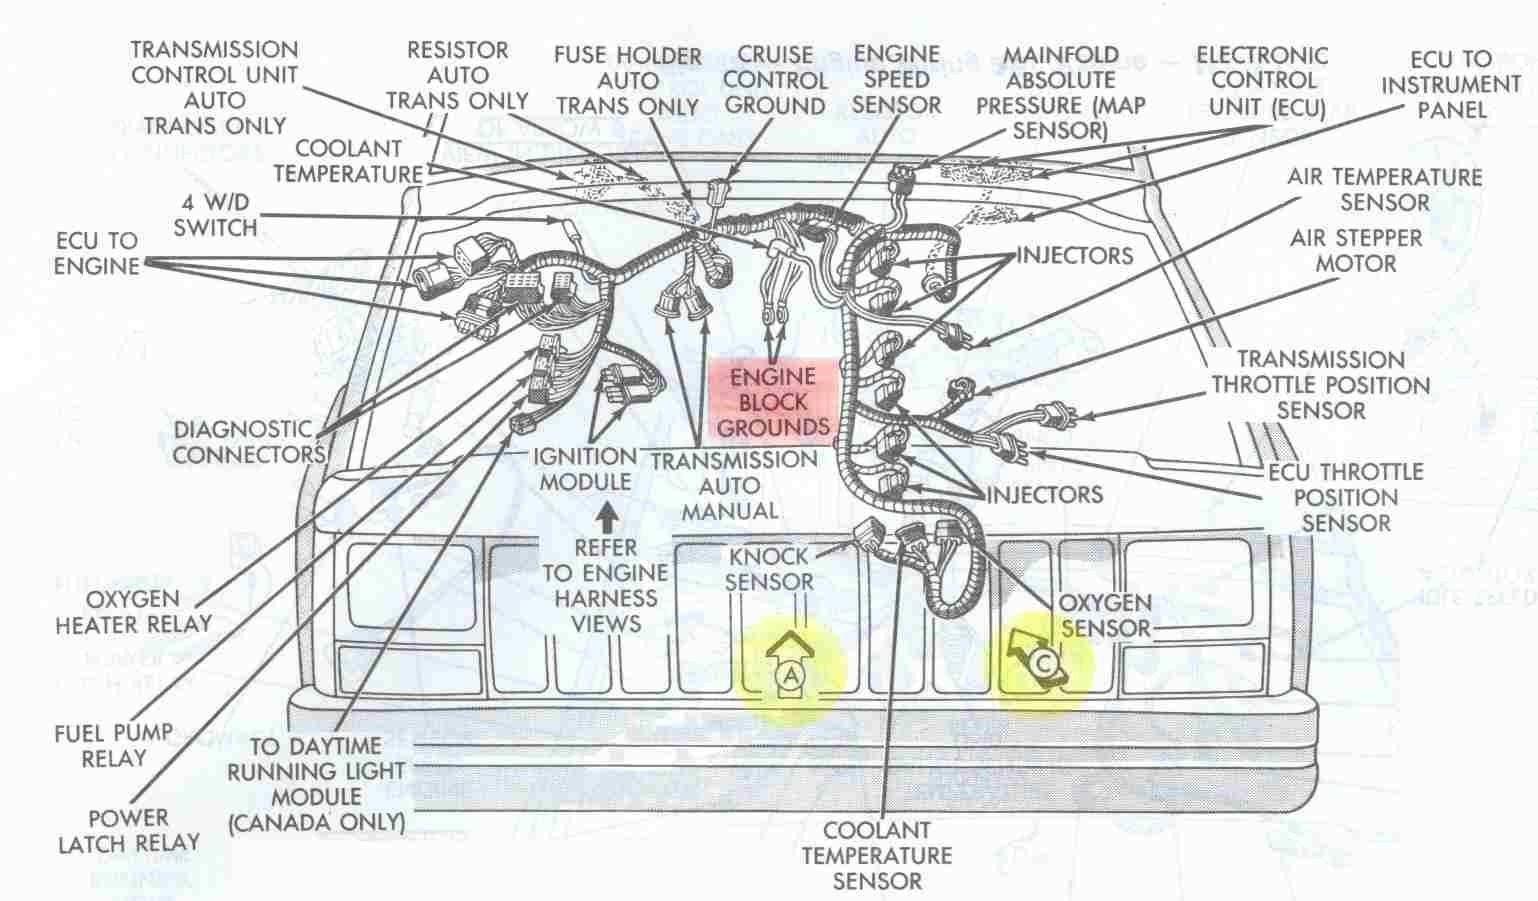 2004 Grand Cherokee Fan Wiring Circuit Best Of in 2020 | Jeep xj, 2001 jeep  cherokee, Jeep cherokeePinterest